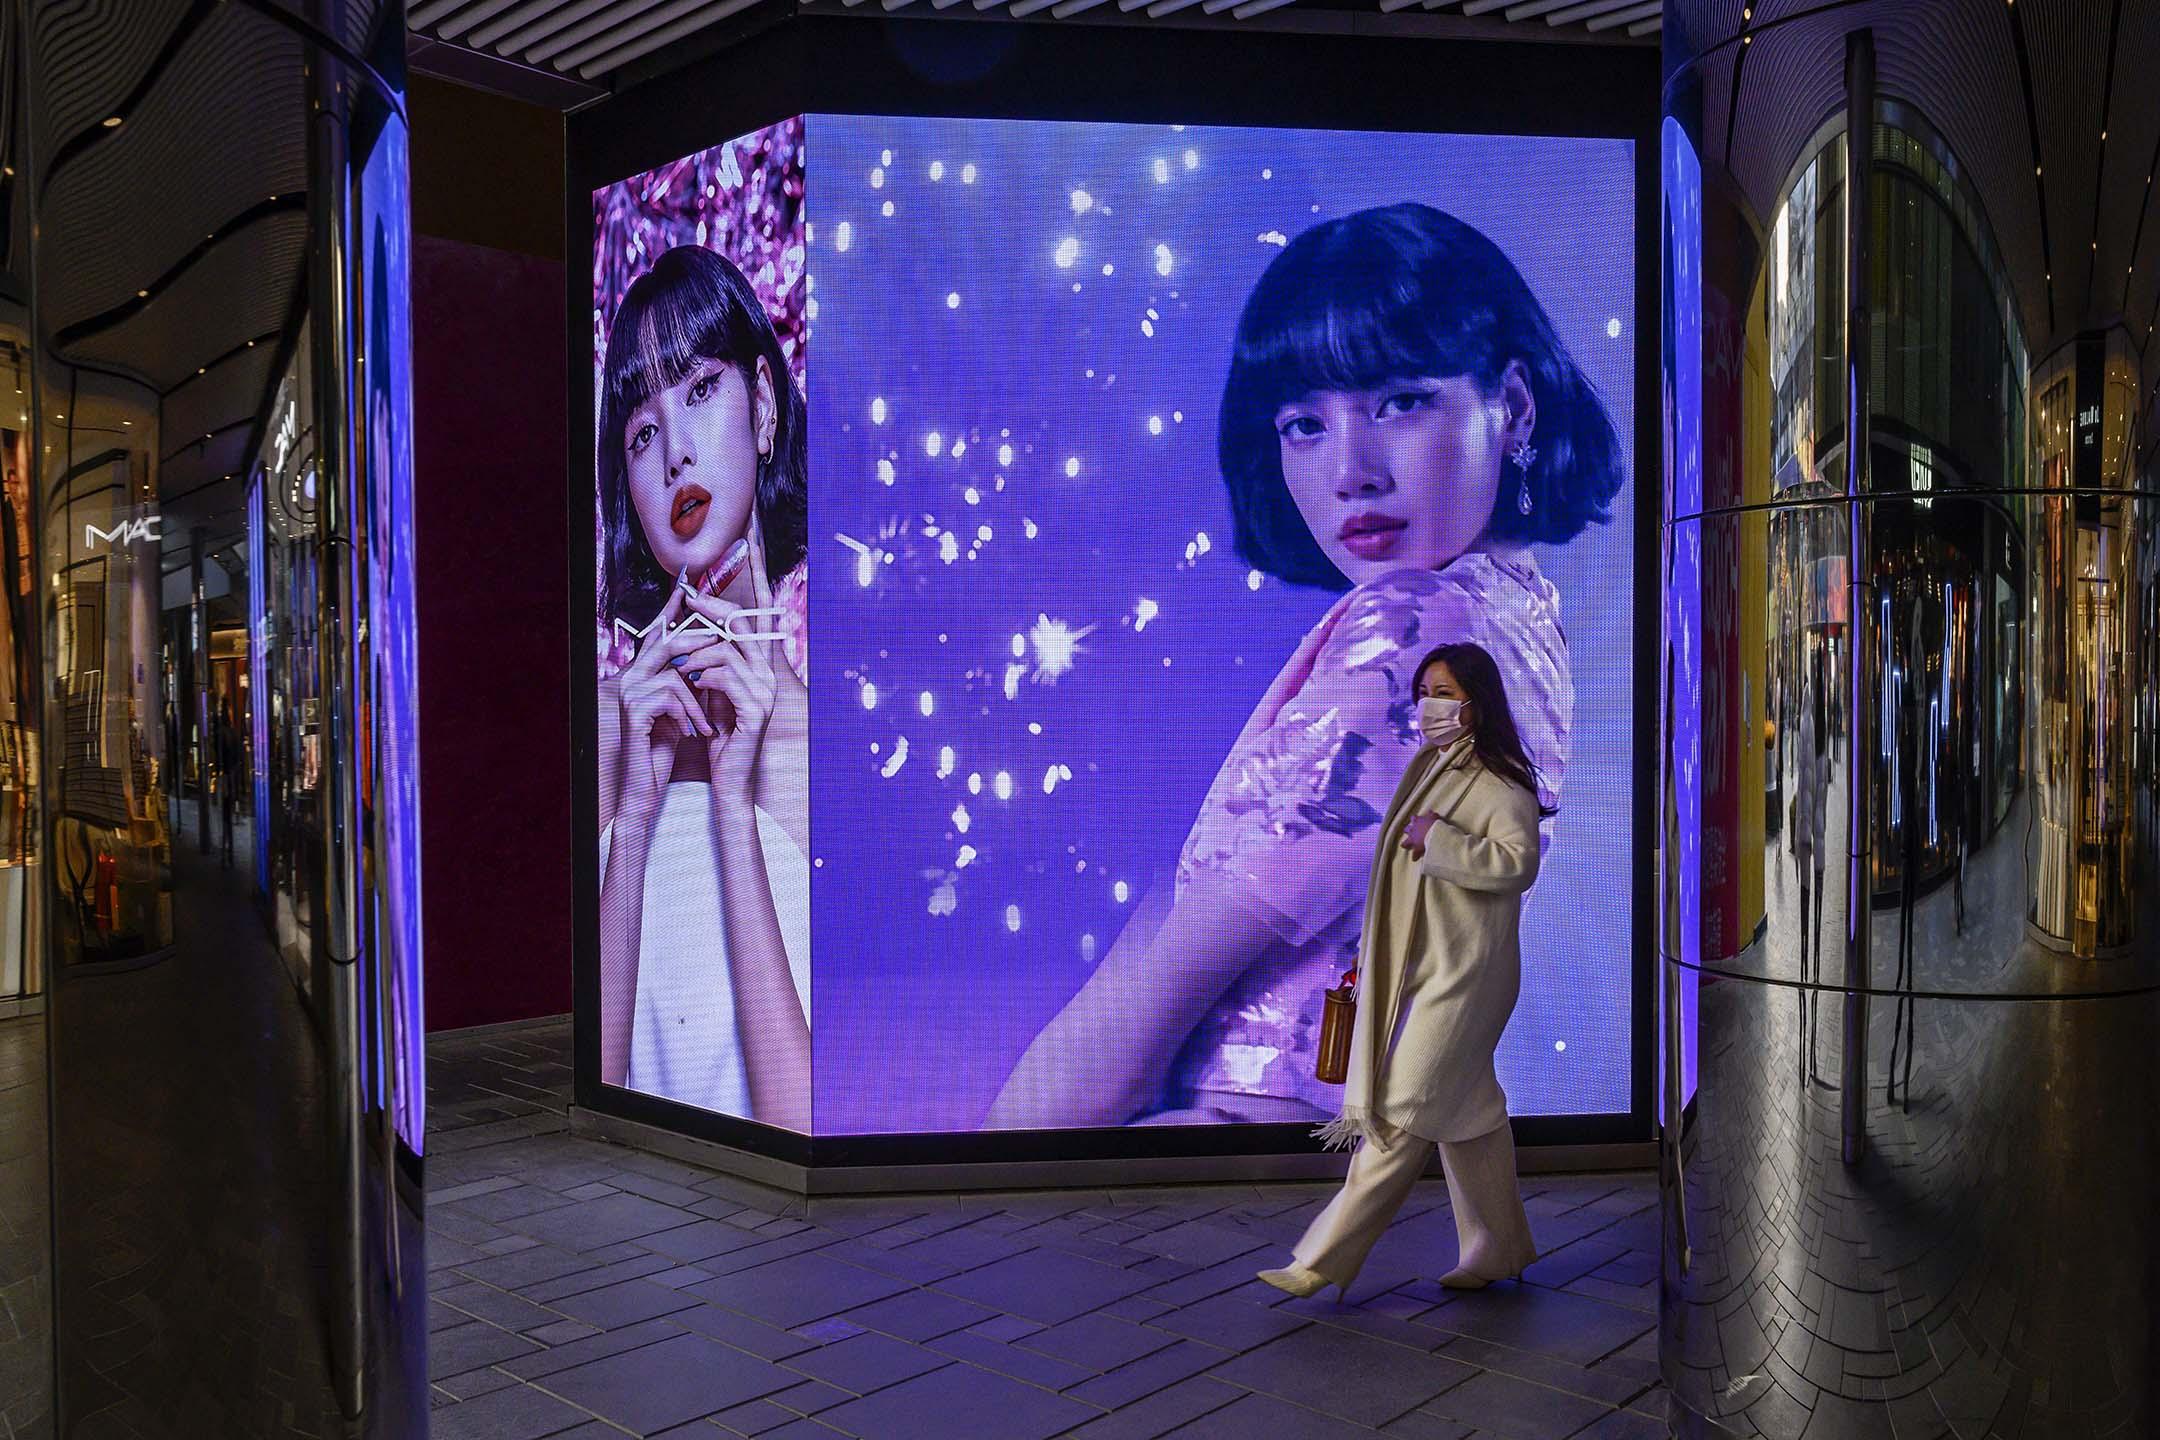 2020年12月9日北京,婦女走過一個化妝品公司的廣告。